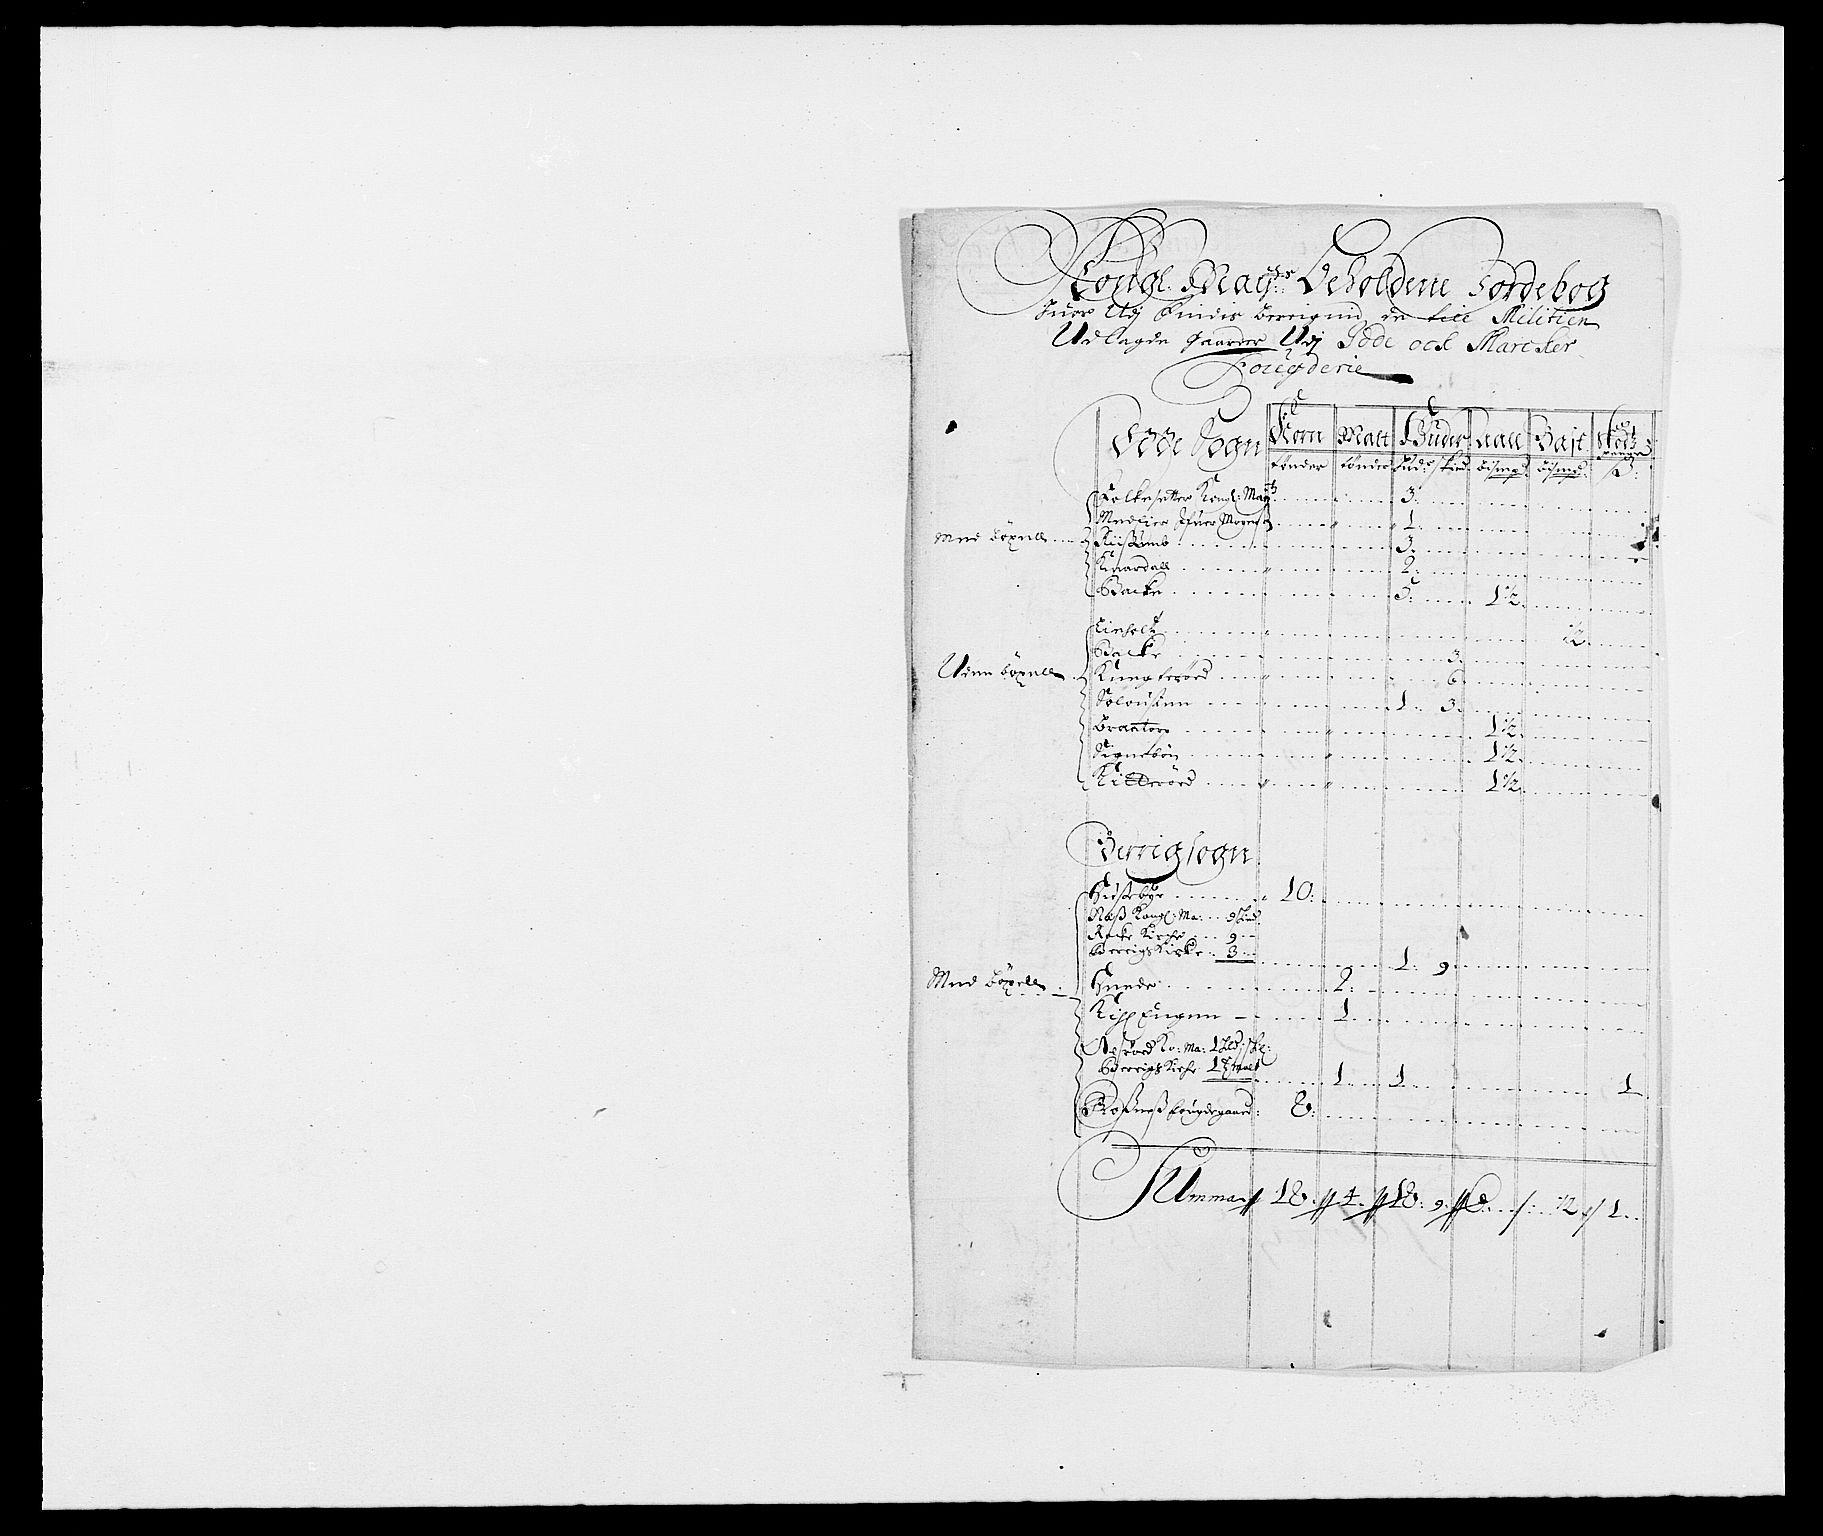 RA, Rentekammeret inntil 1814, Reviderte regnskaper, Fogderegnskap, R01/L0007: Fogderegnskap Idd og Marker, 1687-1688, s. 90